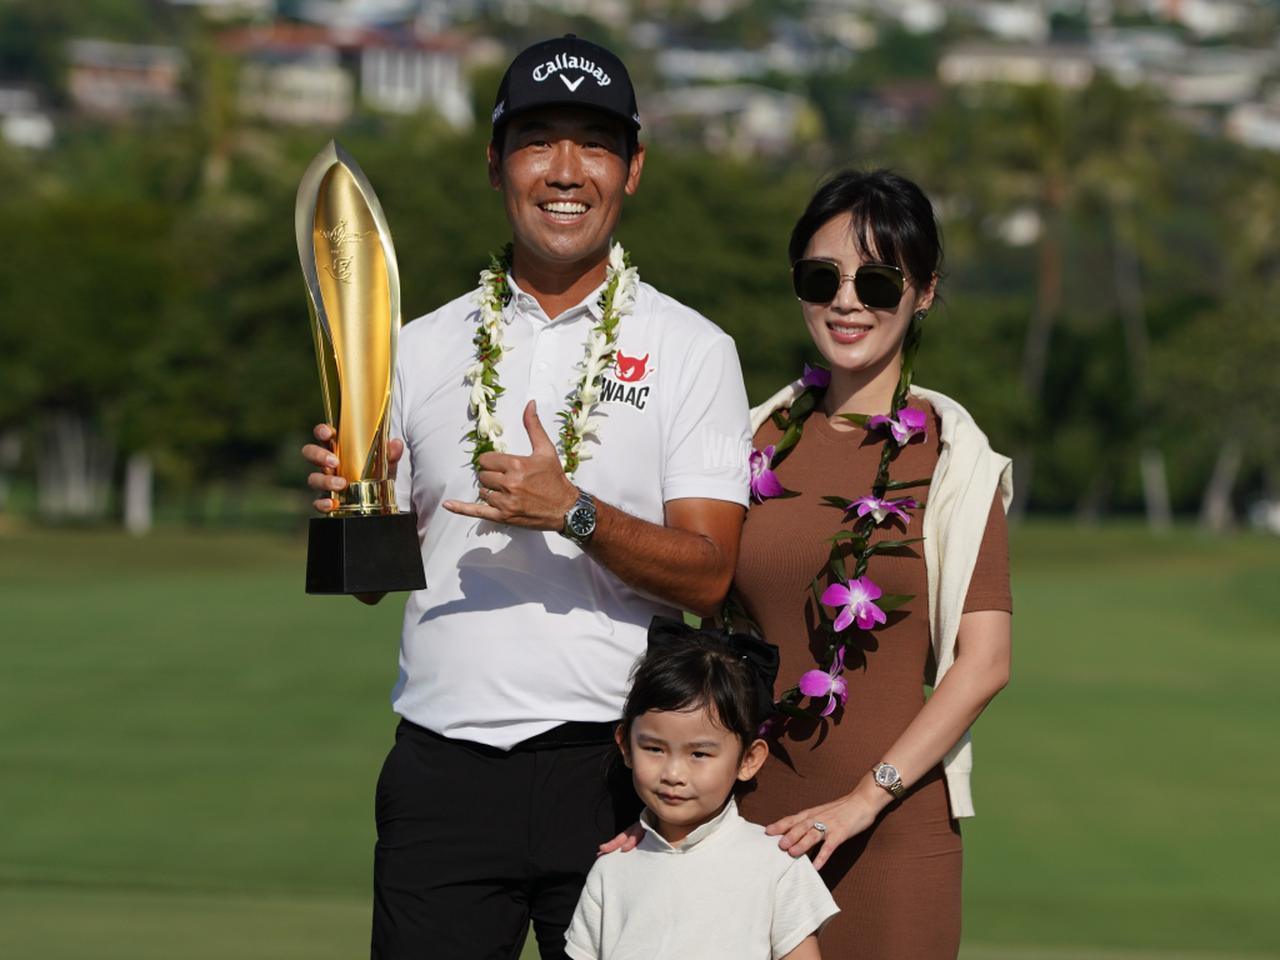 画像: ソニーオープンinハワイを制したケビン・ナ。妻、娘と勝利を喜びあった(写真/増田高寛)